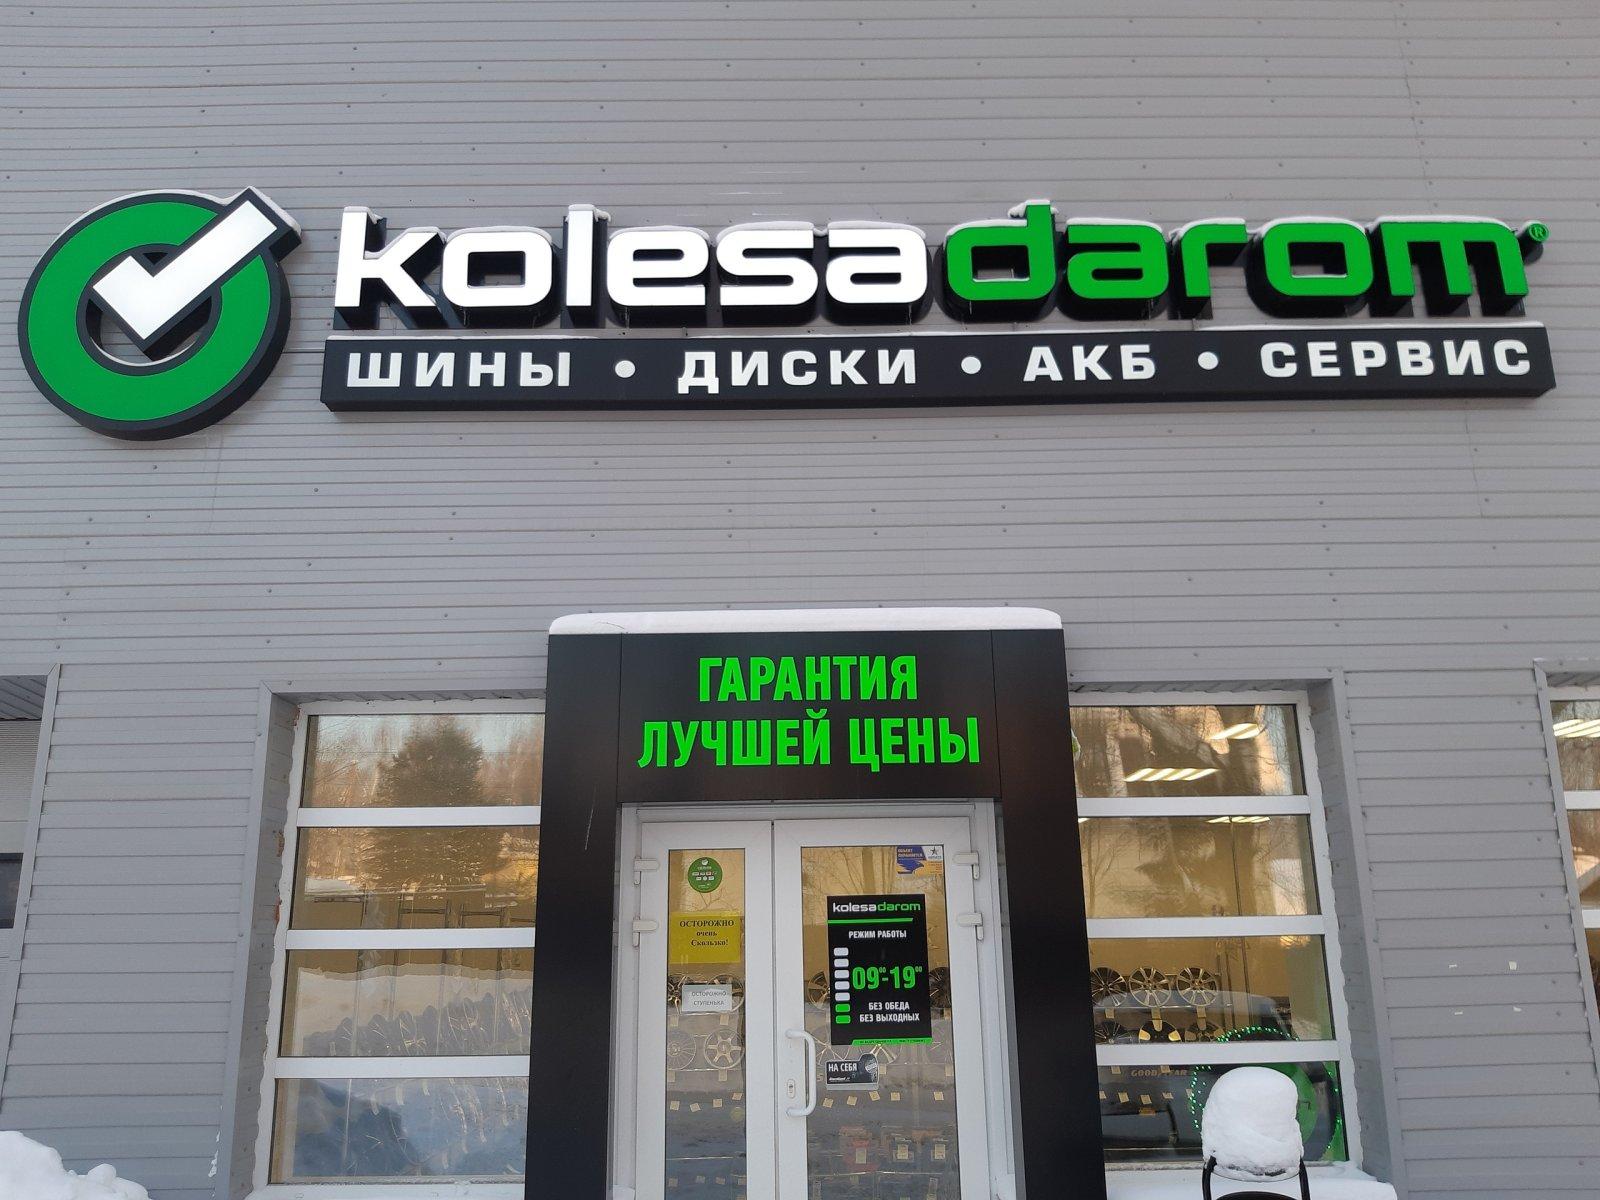 Магазин Колеса Даром Режим Работы